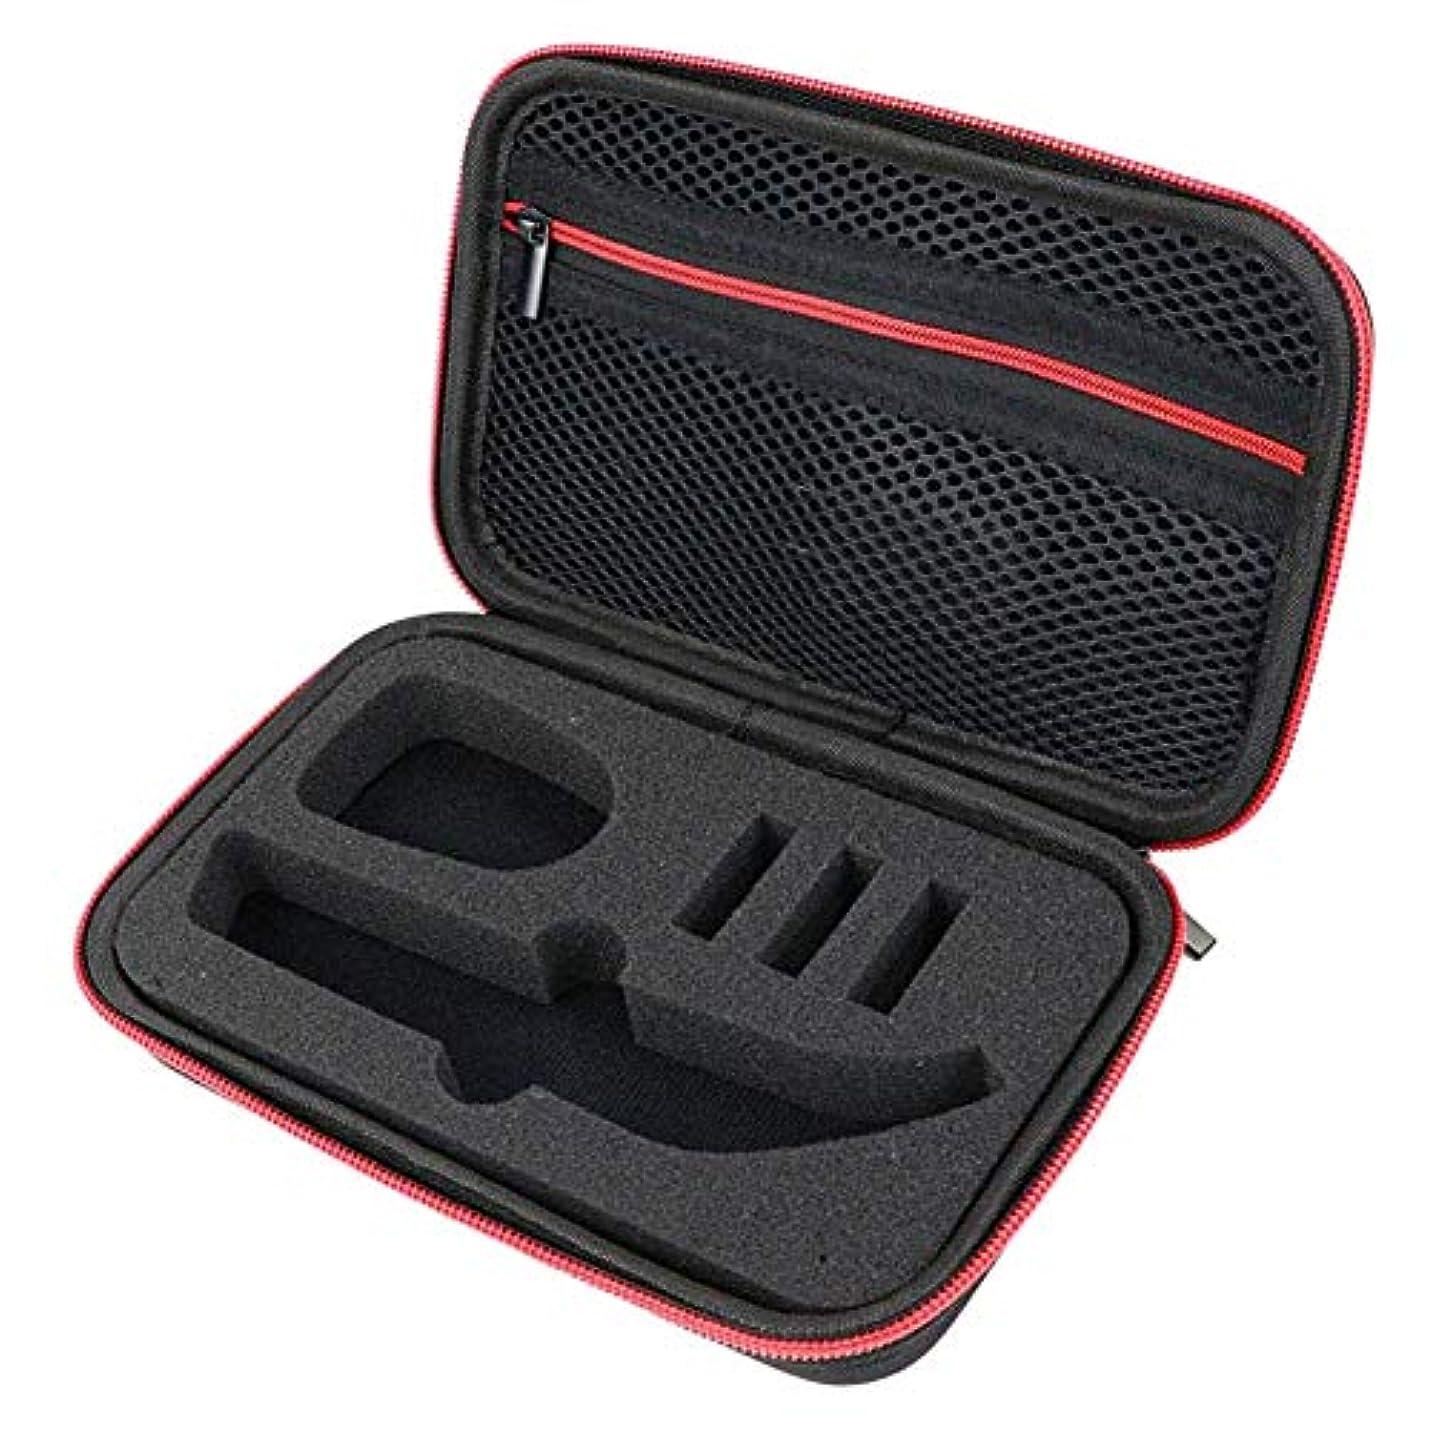 歩く圧縮タイプライターSemoic ポータブルハードトラベルキャリングケース 防水シャックプルーフ収納バッグ EVAケース ハイブリッド電動トリマーシェーバーOneblade Pro Qp150 / Qp6520 / Qp6510用